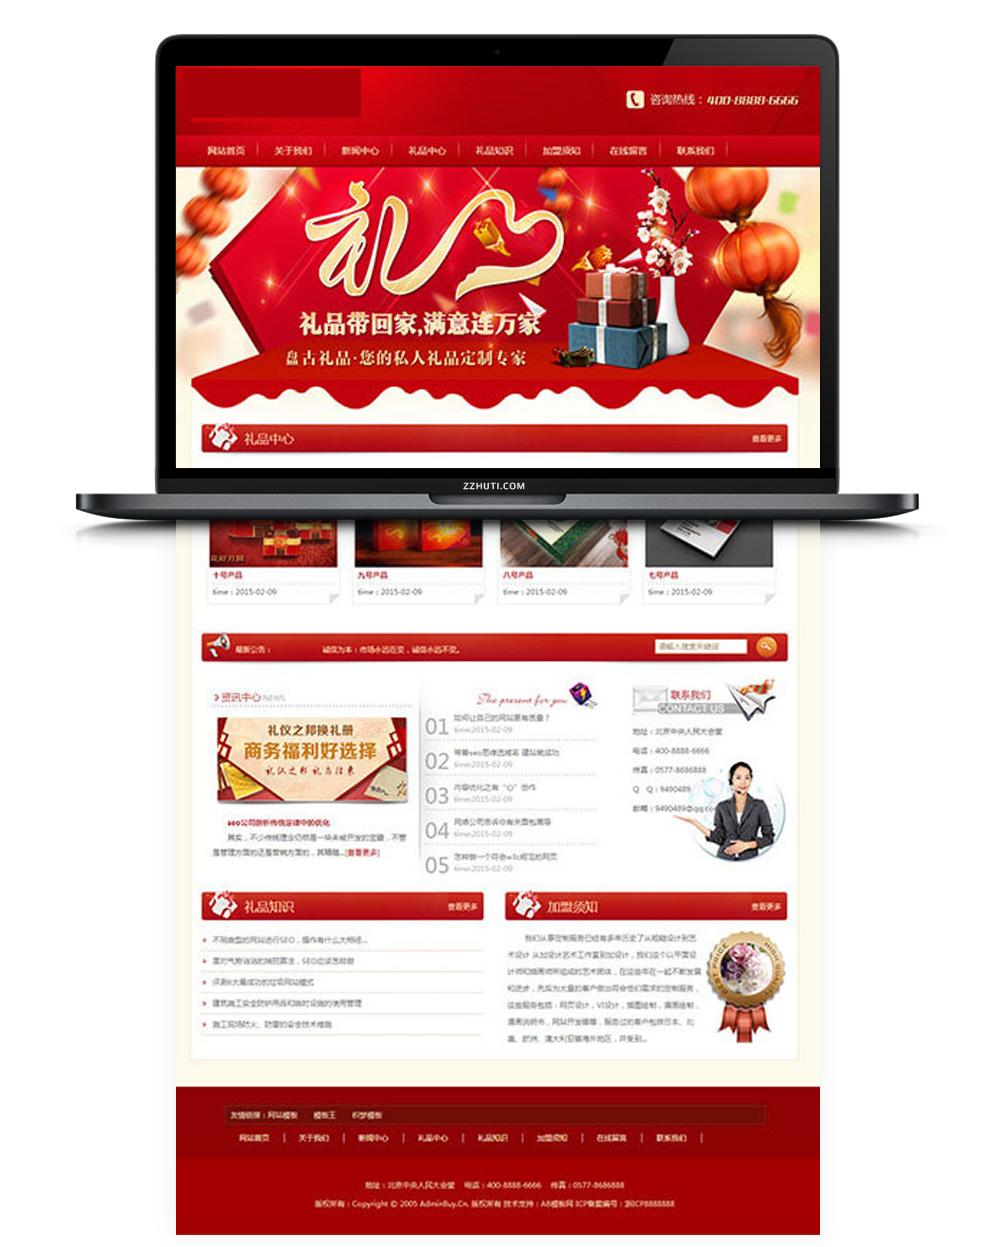 DEDECMS织梦大红色礼品包装礼盒企业官网整站源码自适应手机-找主题源码